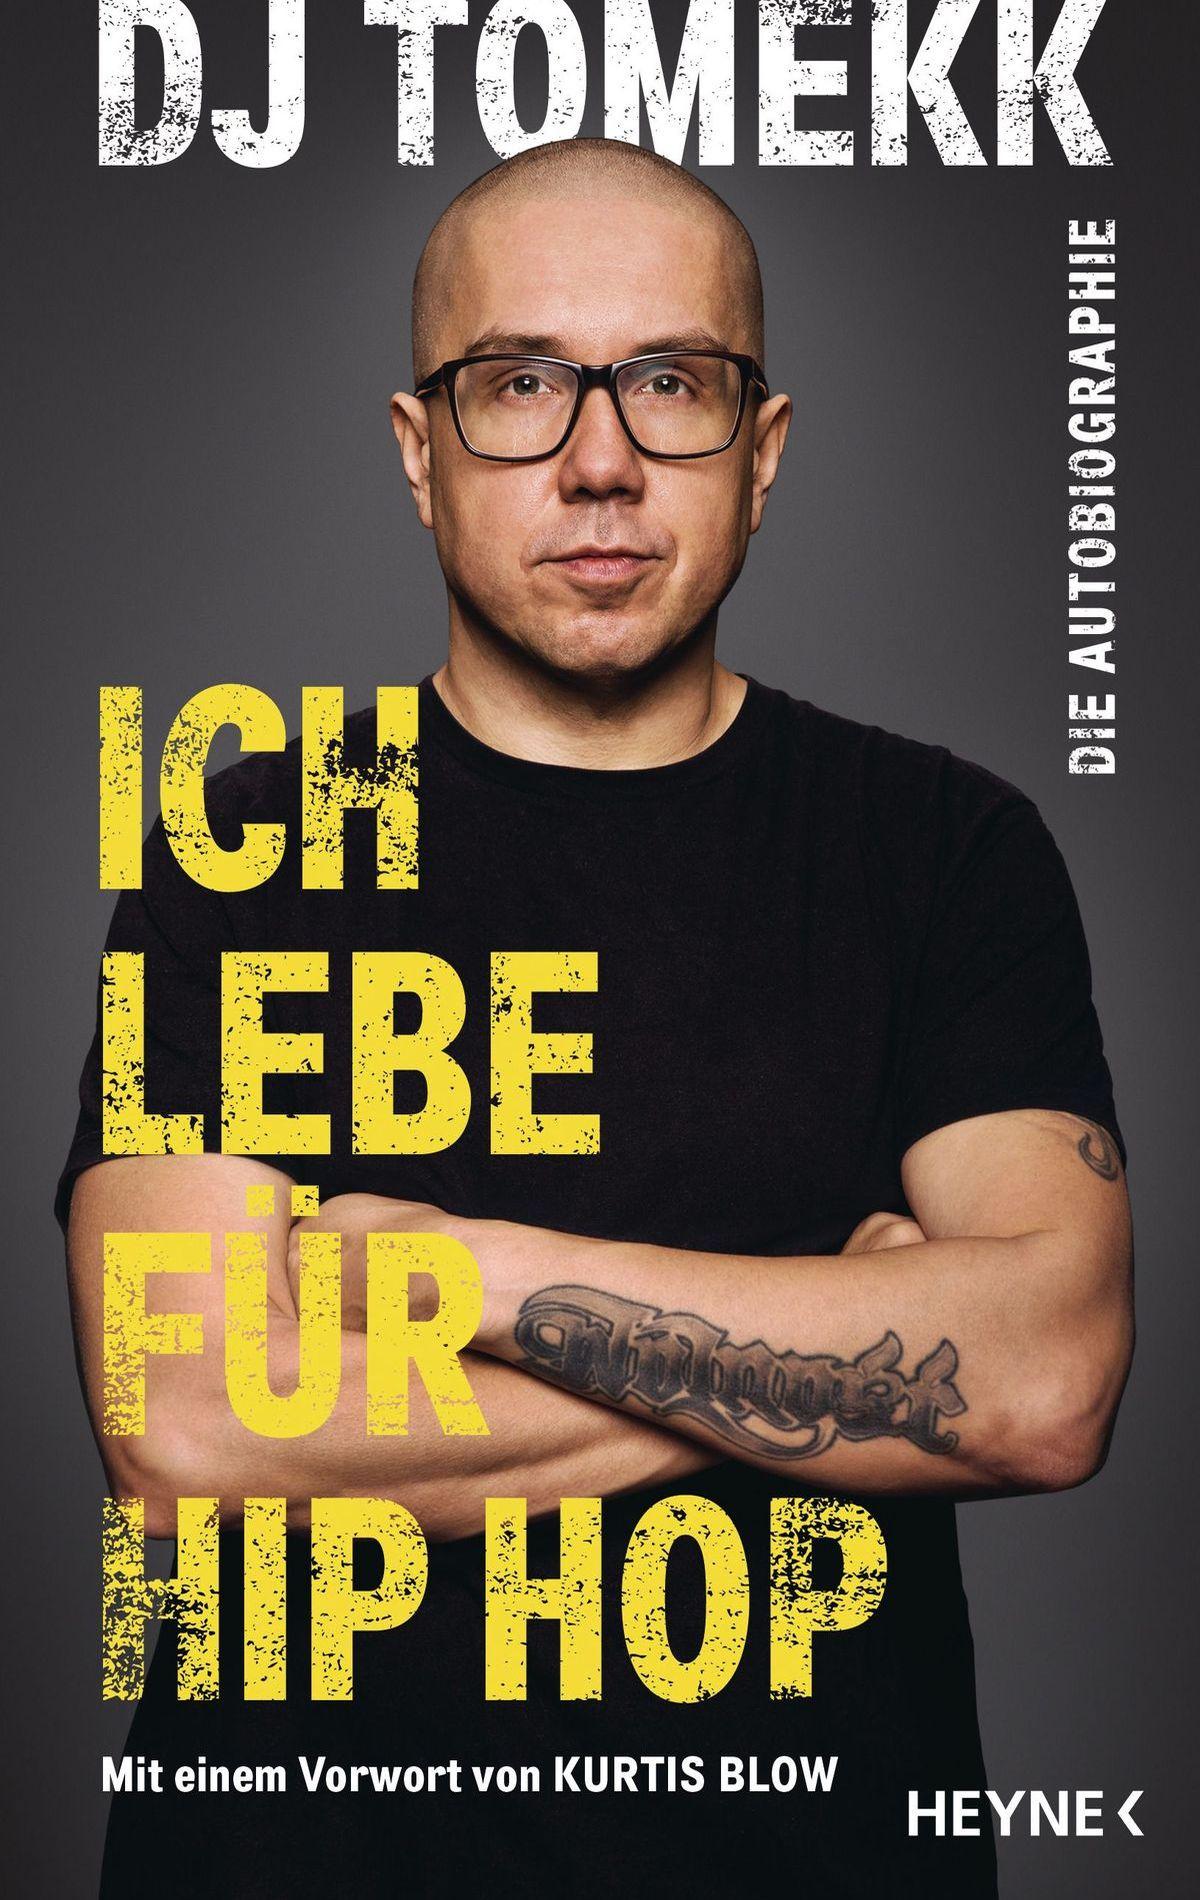 Ich lebe für Hip Hop | DJ Tomekk 336 Seiten | mit Illustrationen ISBN 978-3-453-21805-5 | 22,- Euro